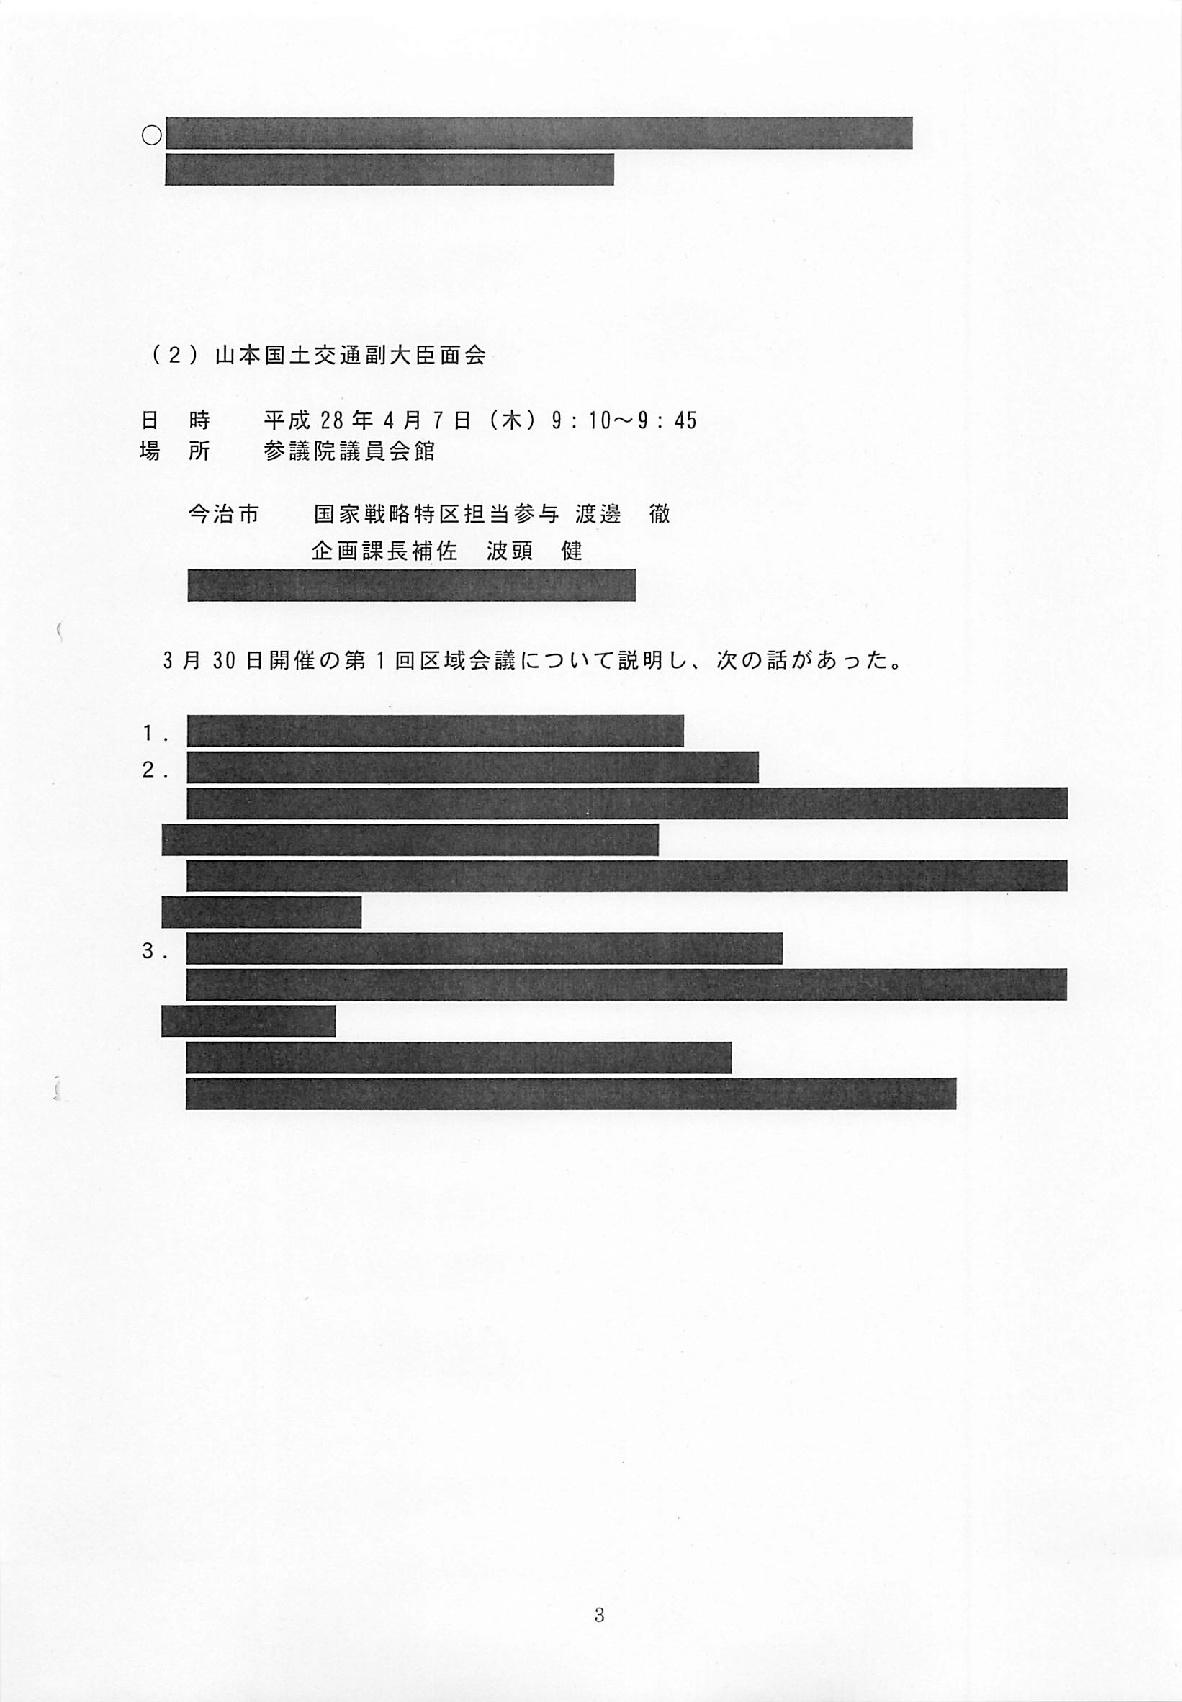 今治市 20160406-7 国家戦略特区連絡会議 国交副大臣面会 (5)